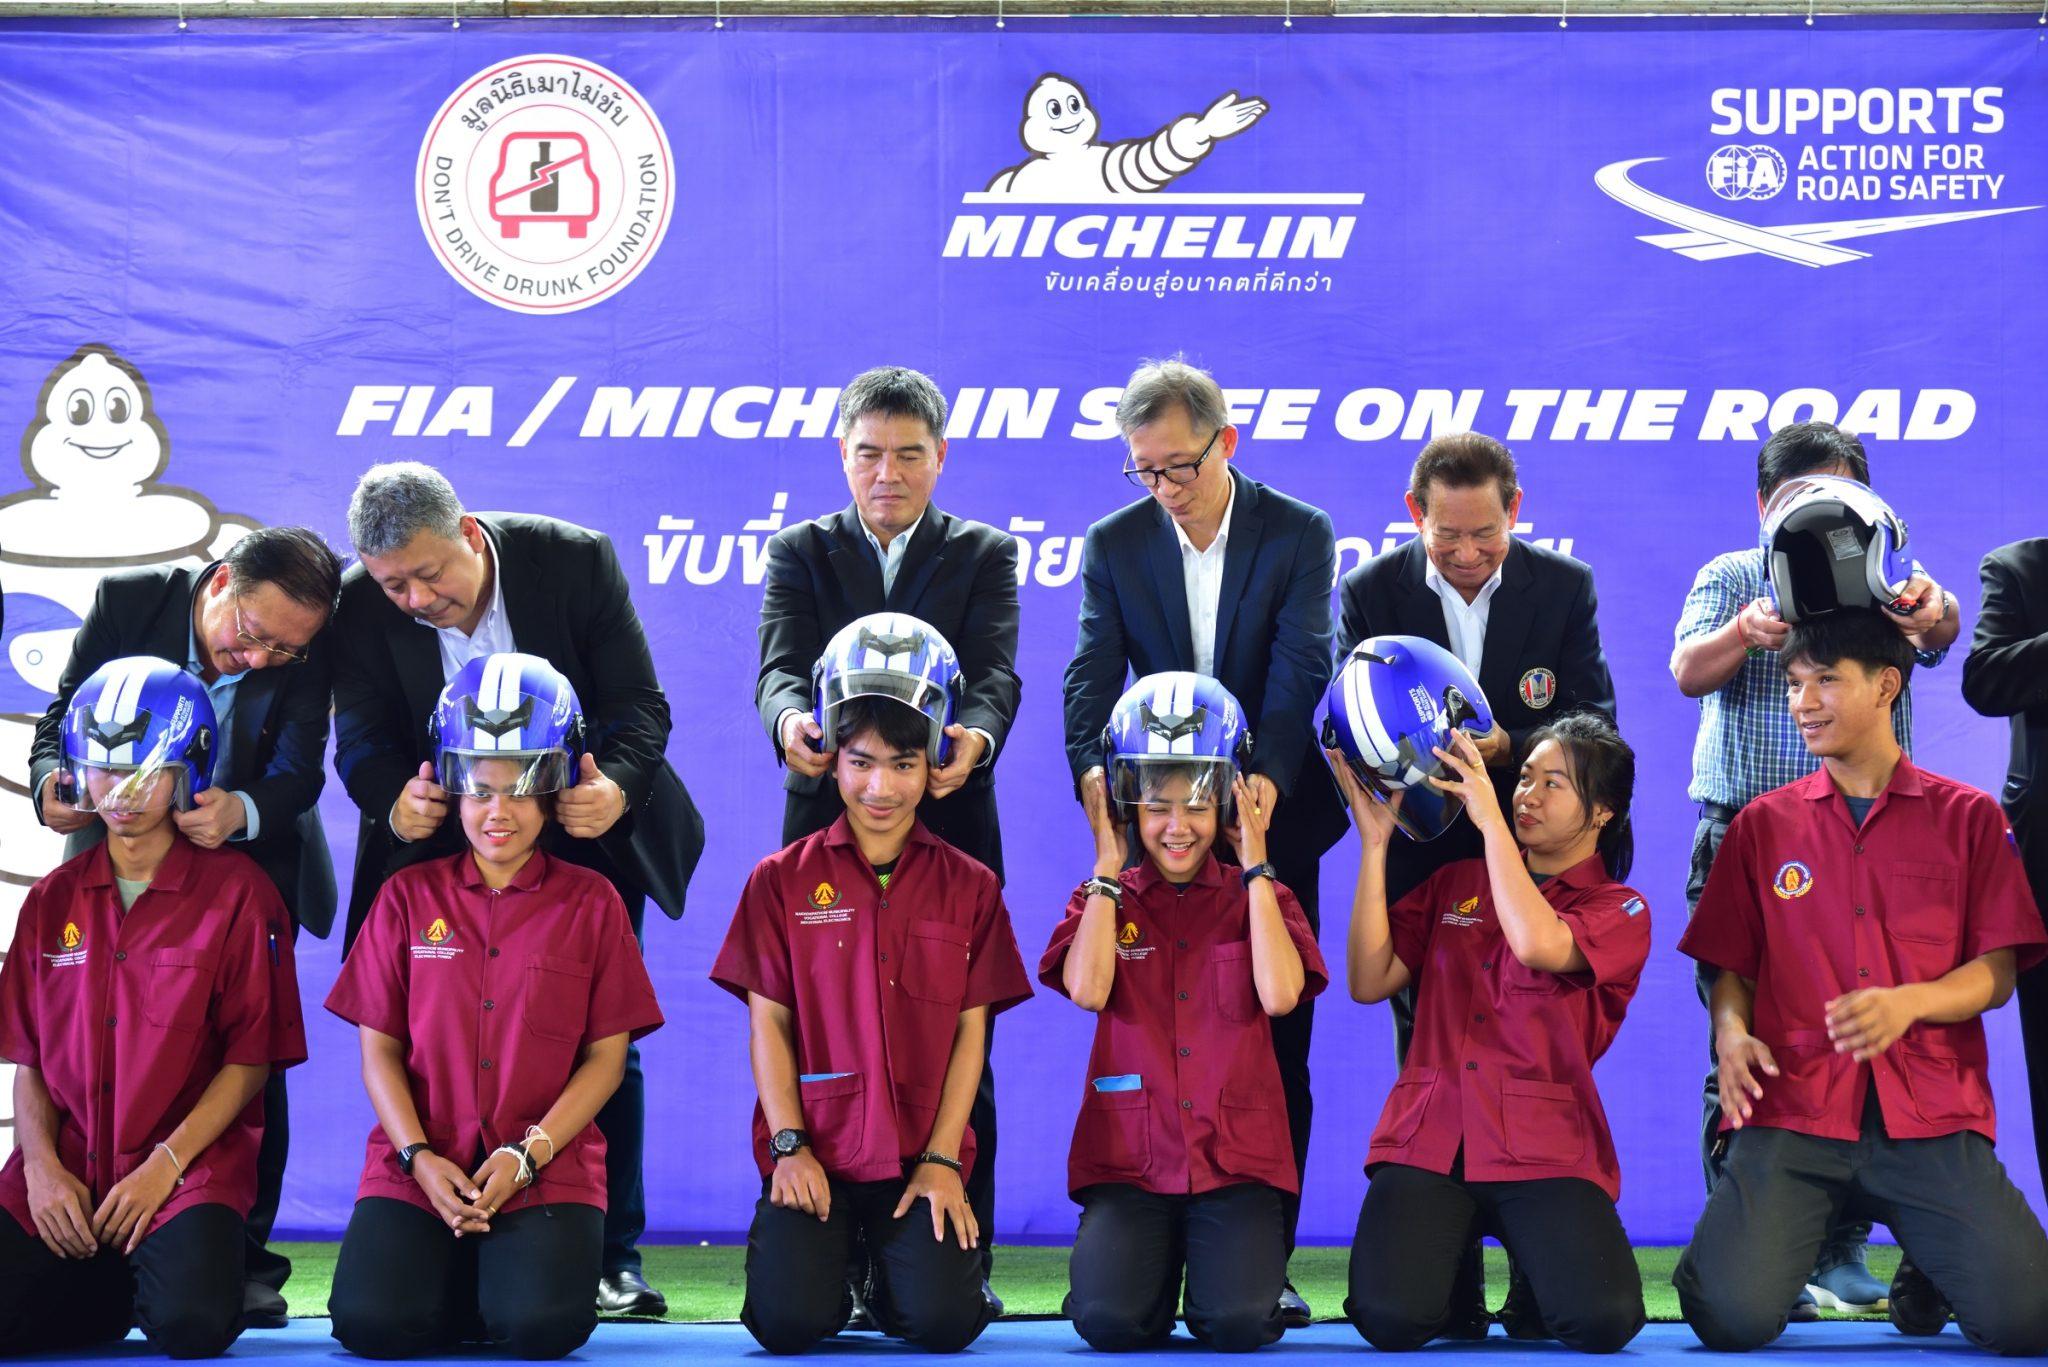 """มิชลินแจกหมวกนิรภัย 2,000 ใบ สานต่อโครงการ """"มิชลินรณรงค์ขับขี่ปลอดภัย ใส่หมวกนิรภัย"""""""